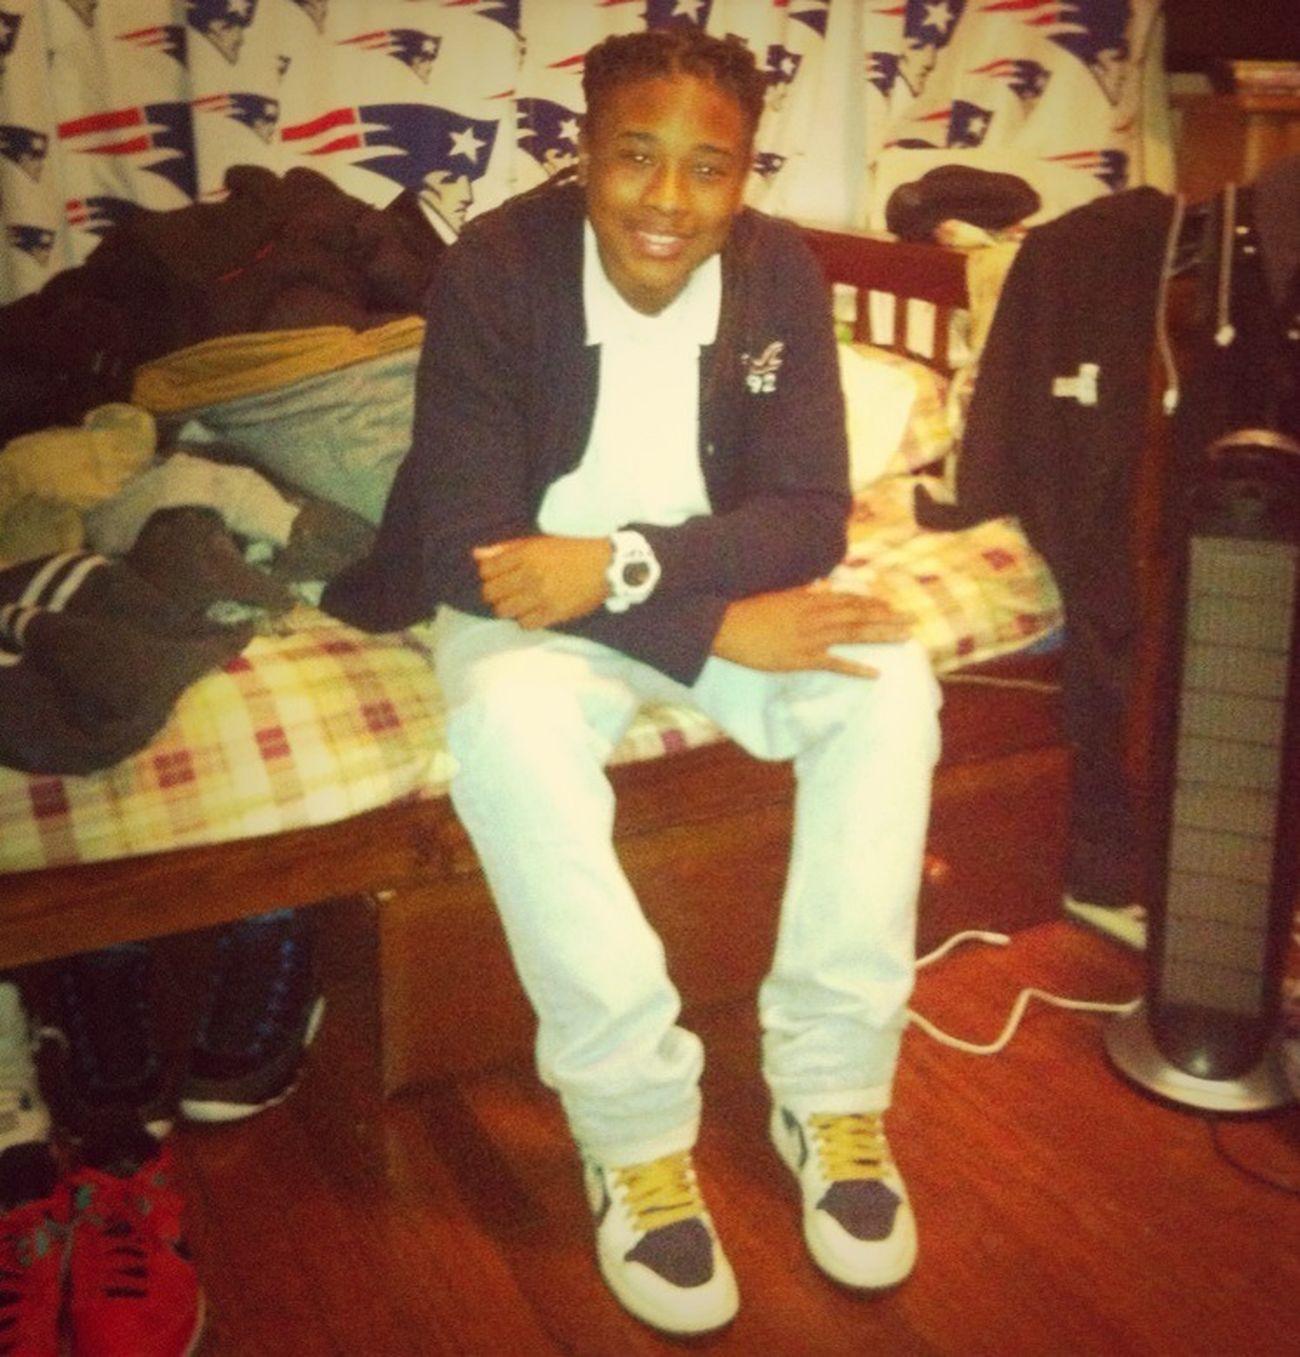 A few days ago